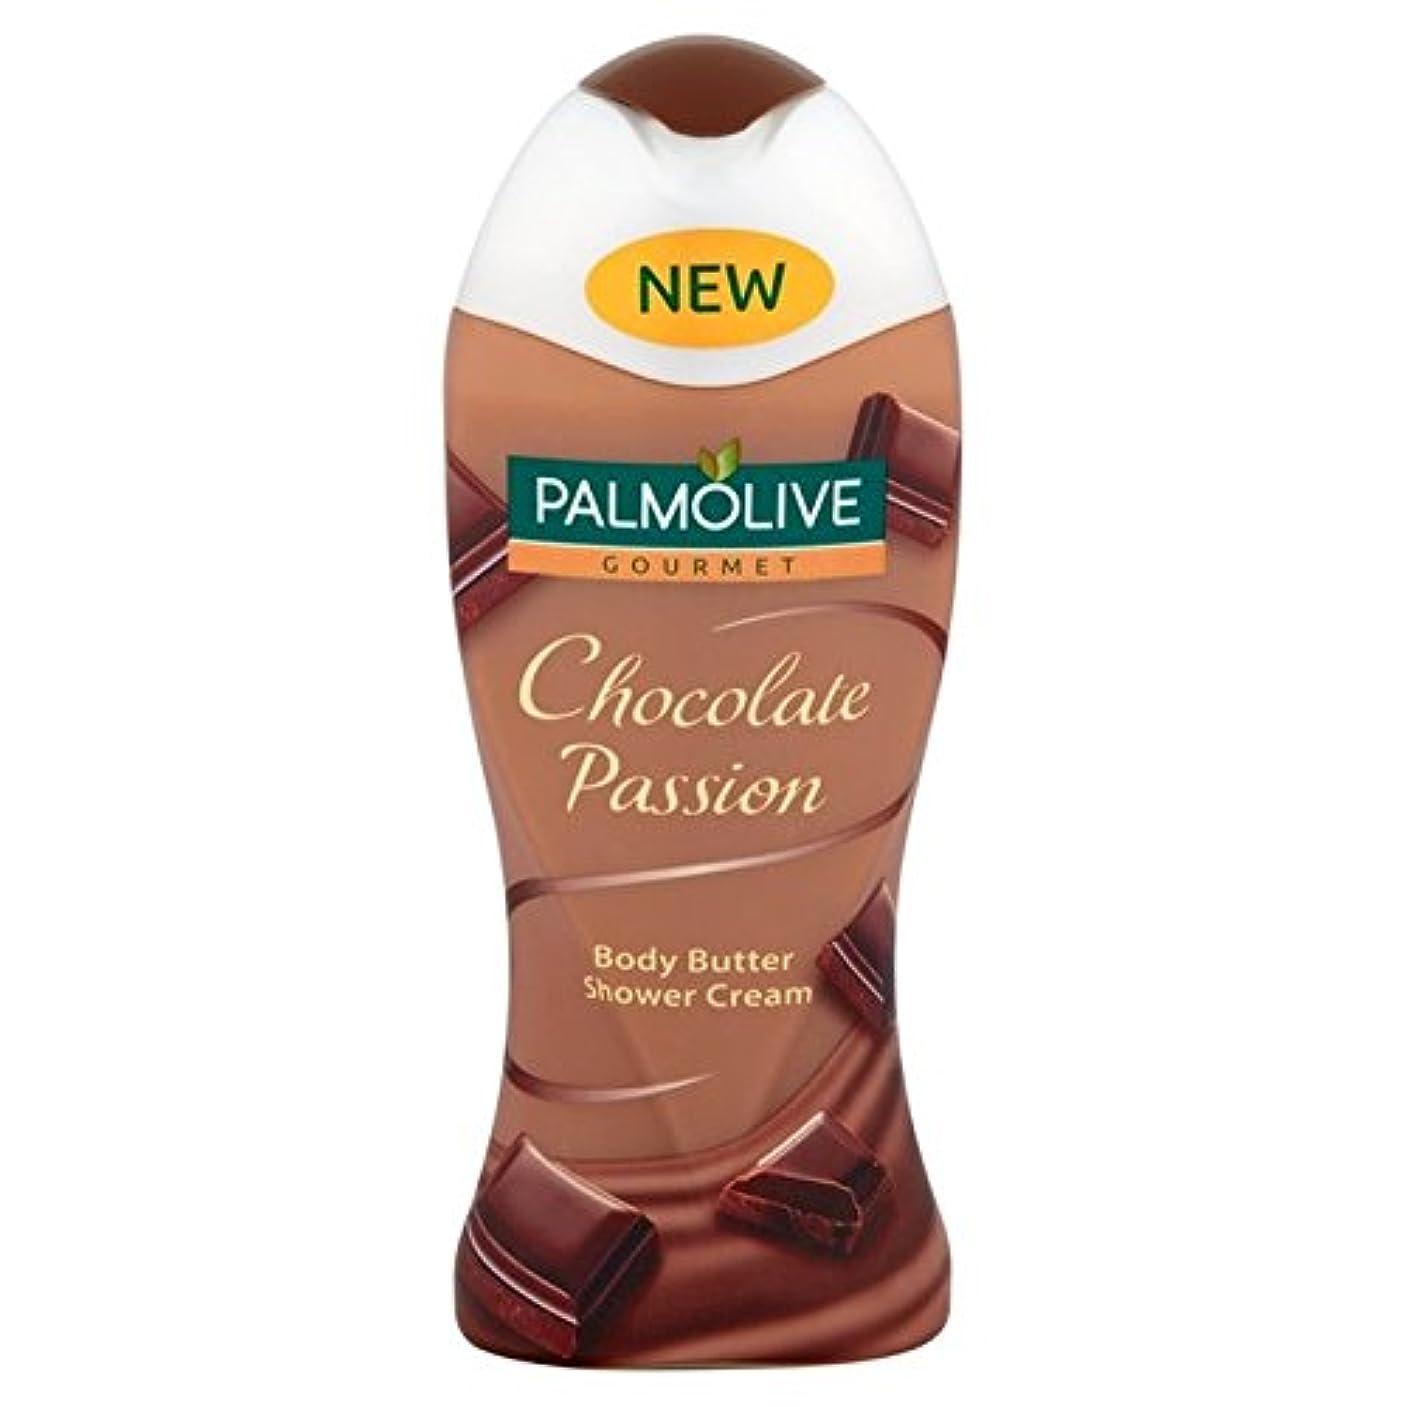 同化するもっと少なく一生パルモグルメチョコレートシャワージェル250ミリリットル x2 - Palmolive Gourmet Chocolate Shower Gel 250ml (Pack of 2) [並行輸入品]